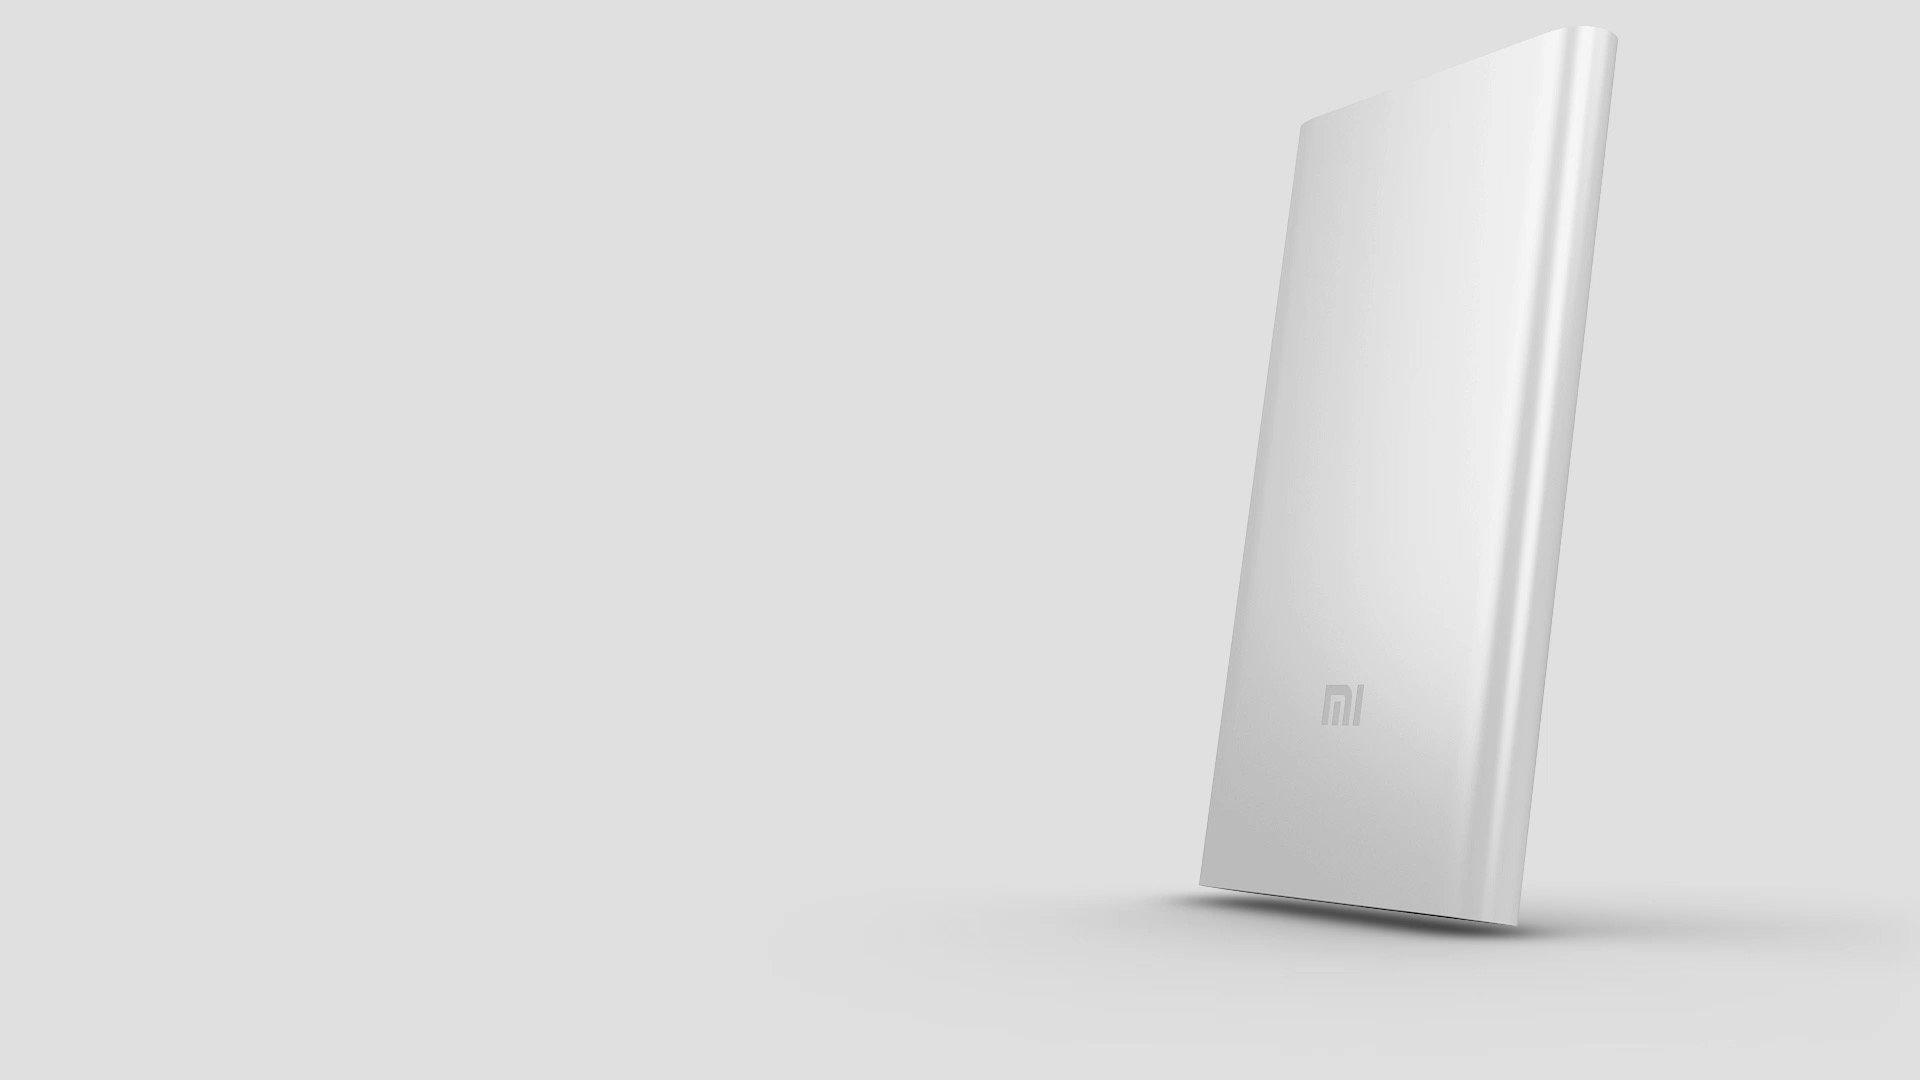 Xiaomi 5000mAh Power bank 2